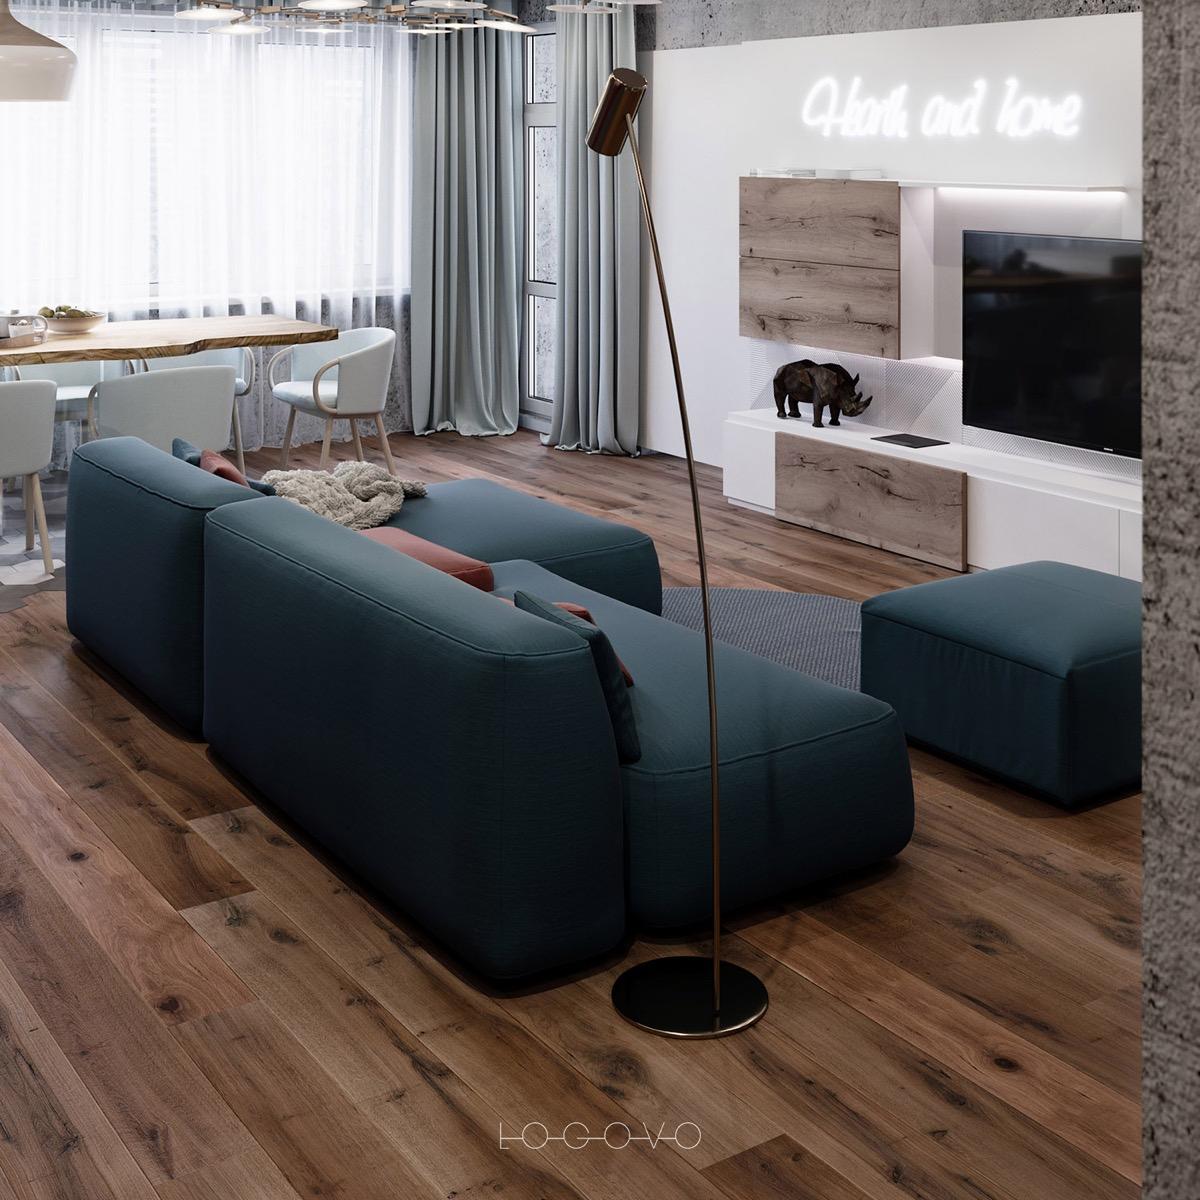 散发出舒适和温暖的精致小公寓设计